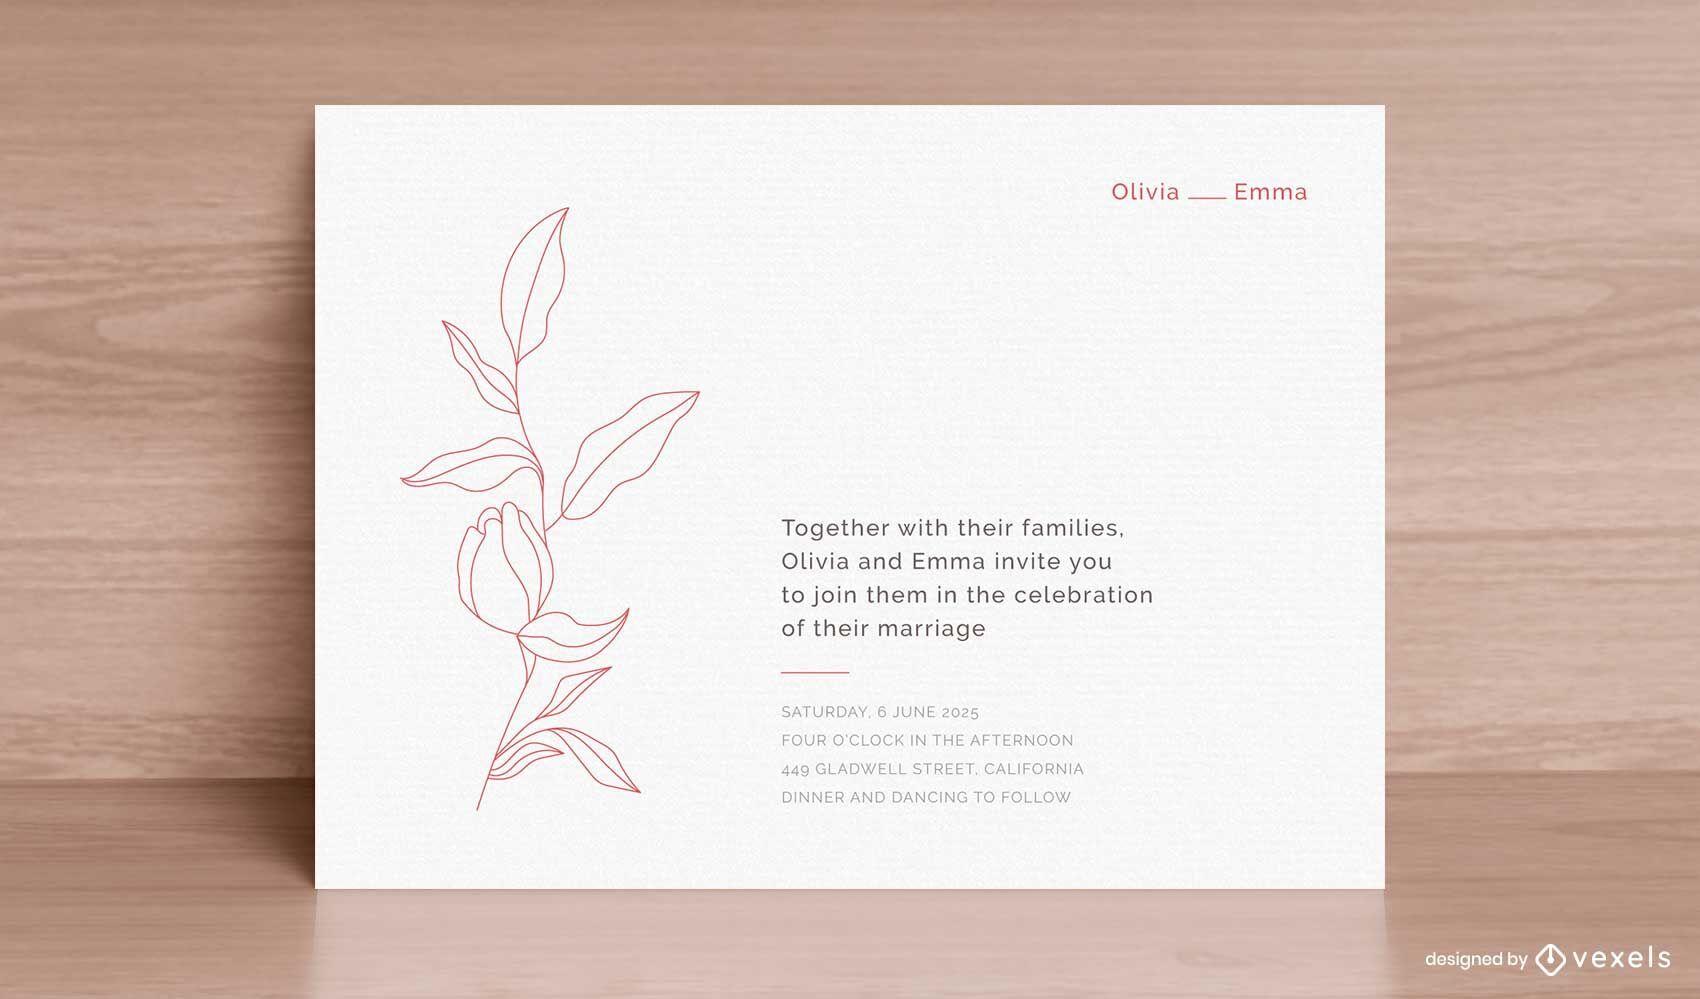 Plantilla de invitación de boda minimalista plana